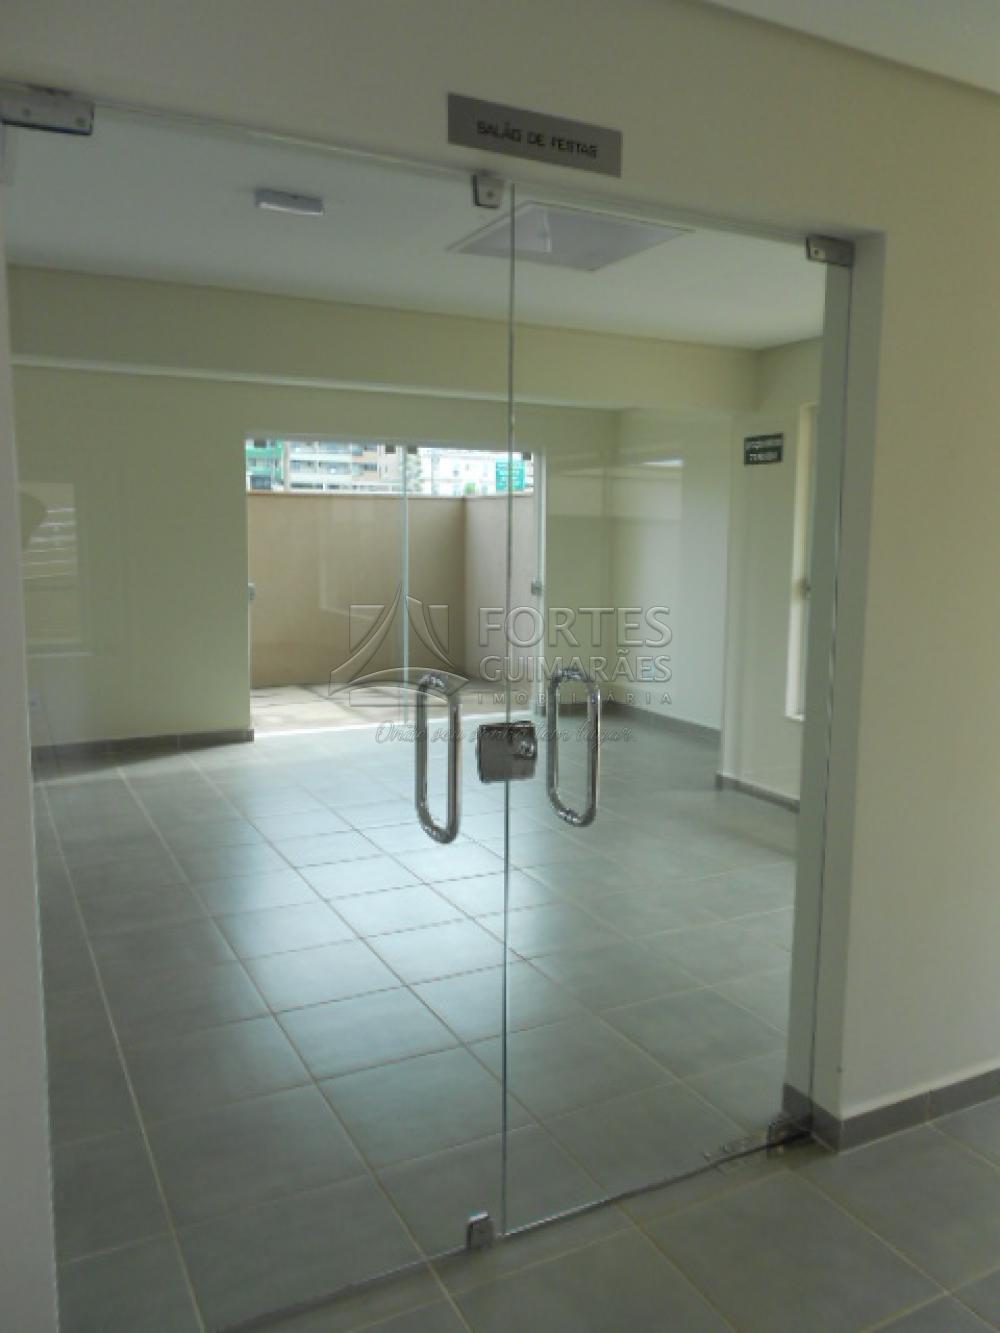 Alugar Apartamentos / Padrão em Ribeirão Preto apenas R$ 2.100,00 - Foto 23